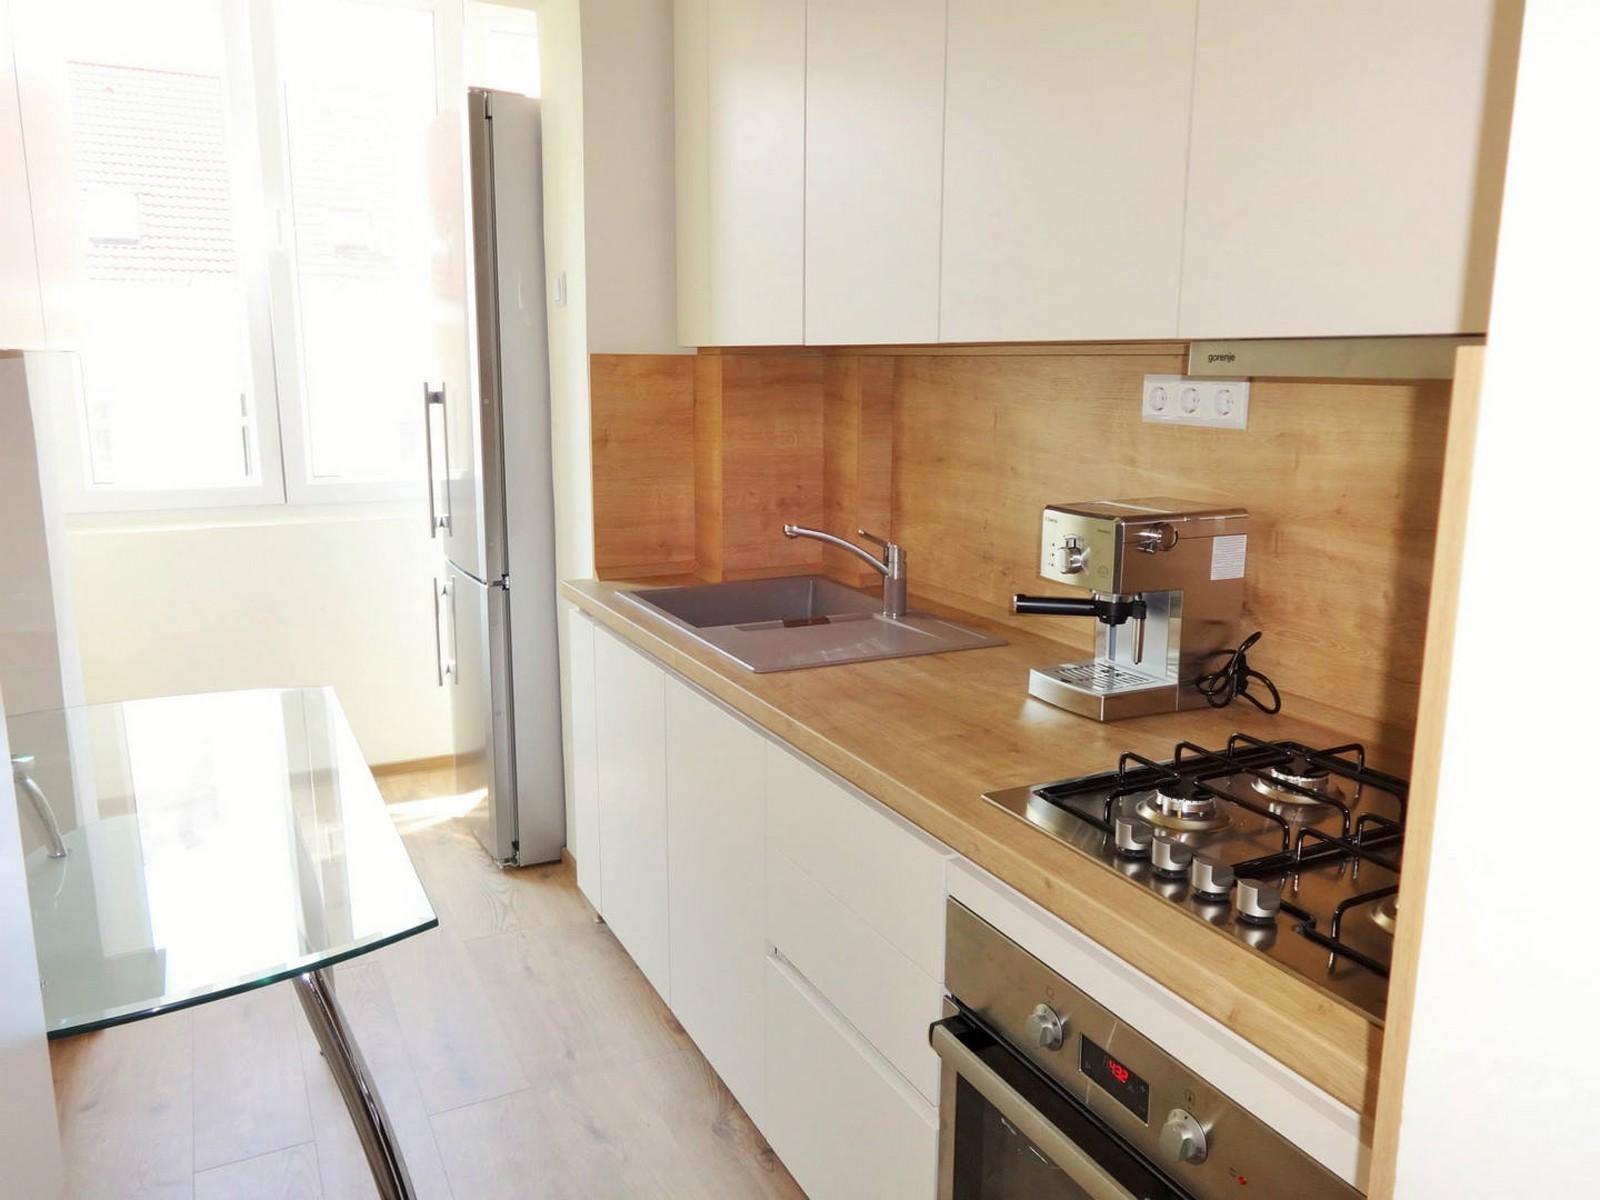 Referință - Bucătărie modernă Nobilia Laser - Bej / Stejar Provence